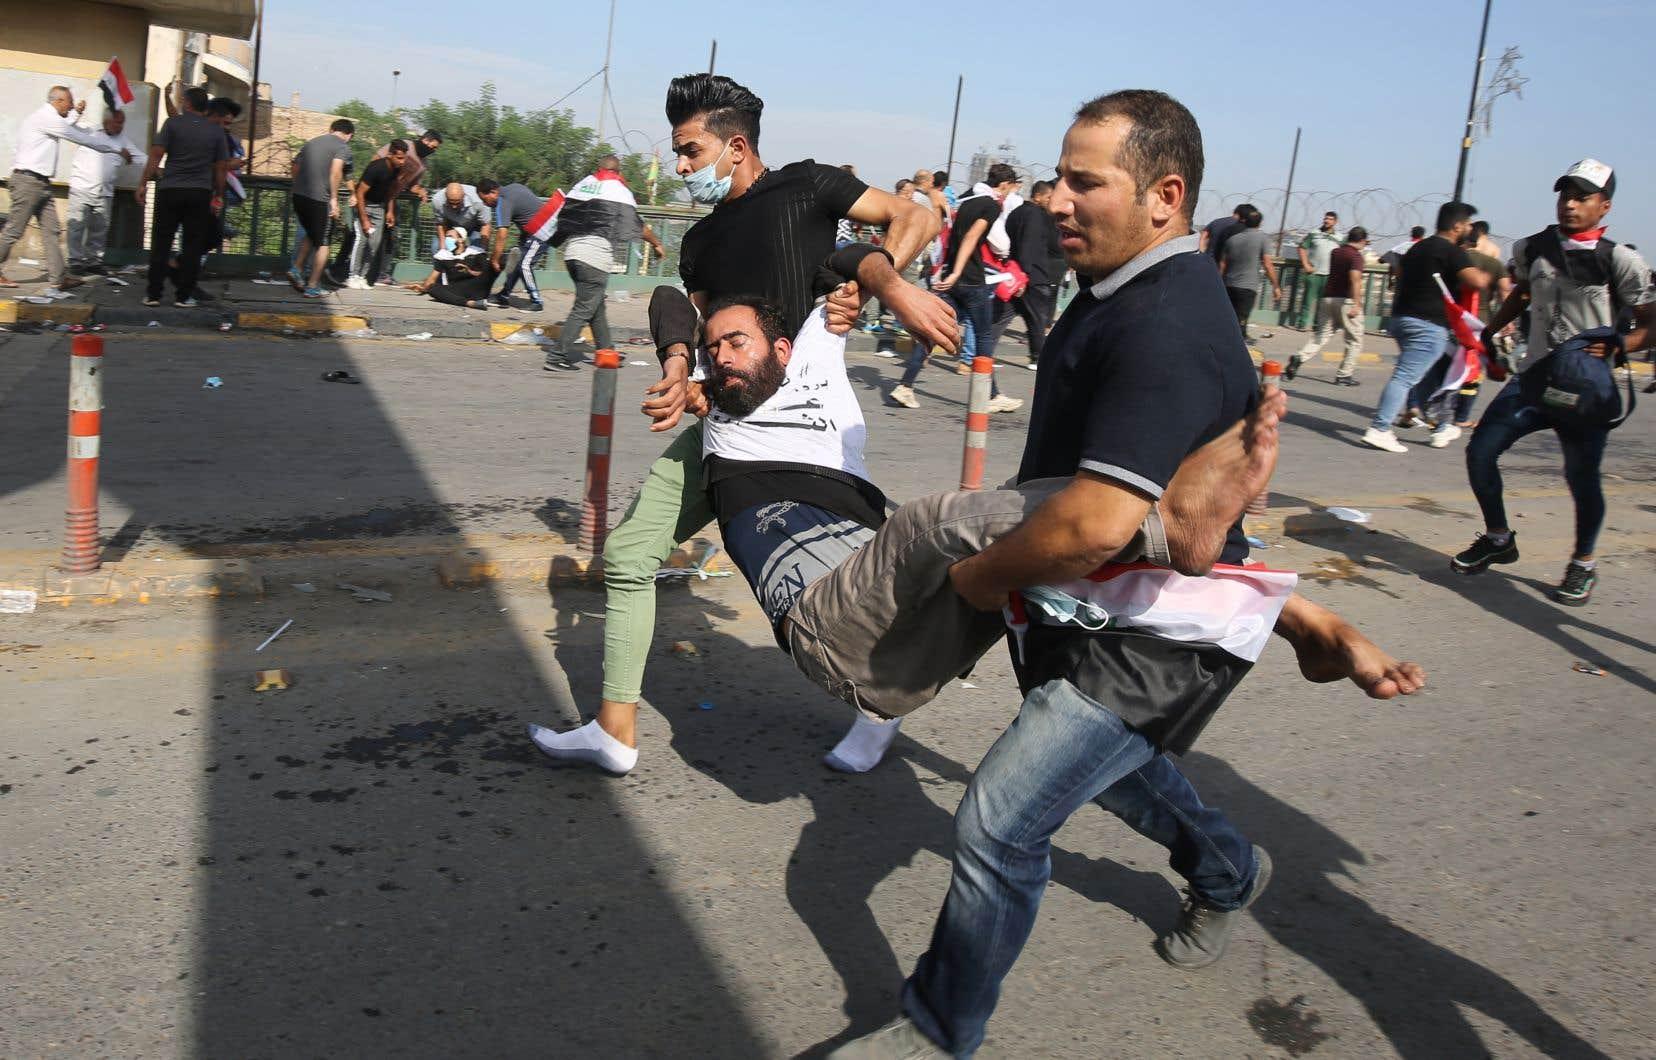 Les forces de sécurité ont tiré des grenades lacrymogènes et assourdissantes pour disperser la foule descendue dans les rues de Bagdad.